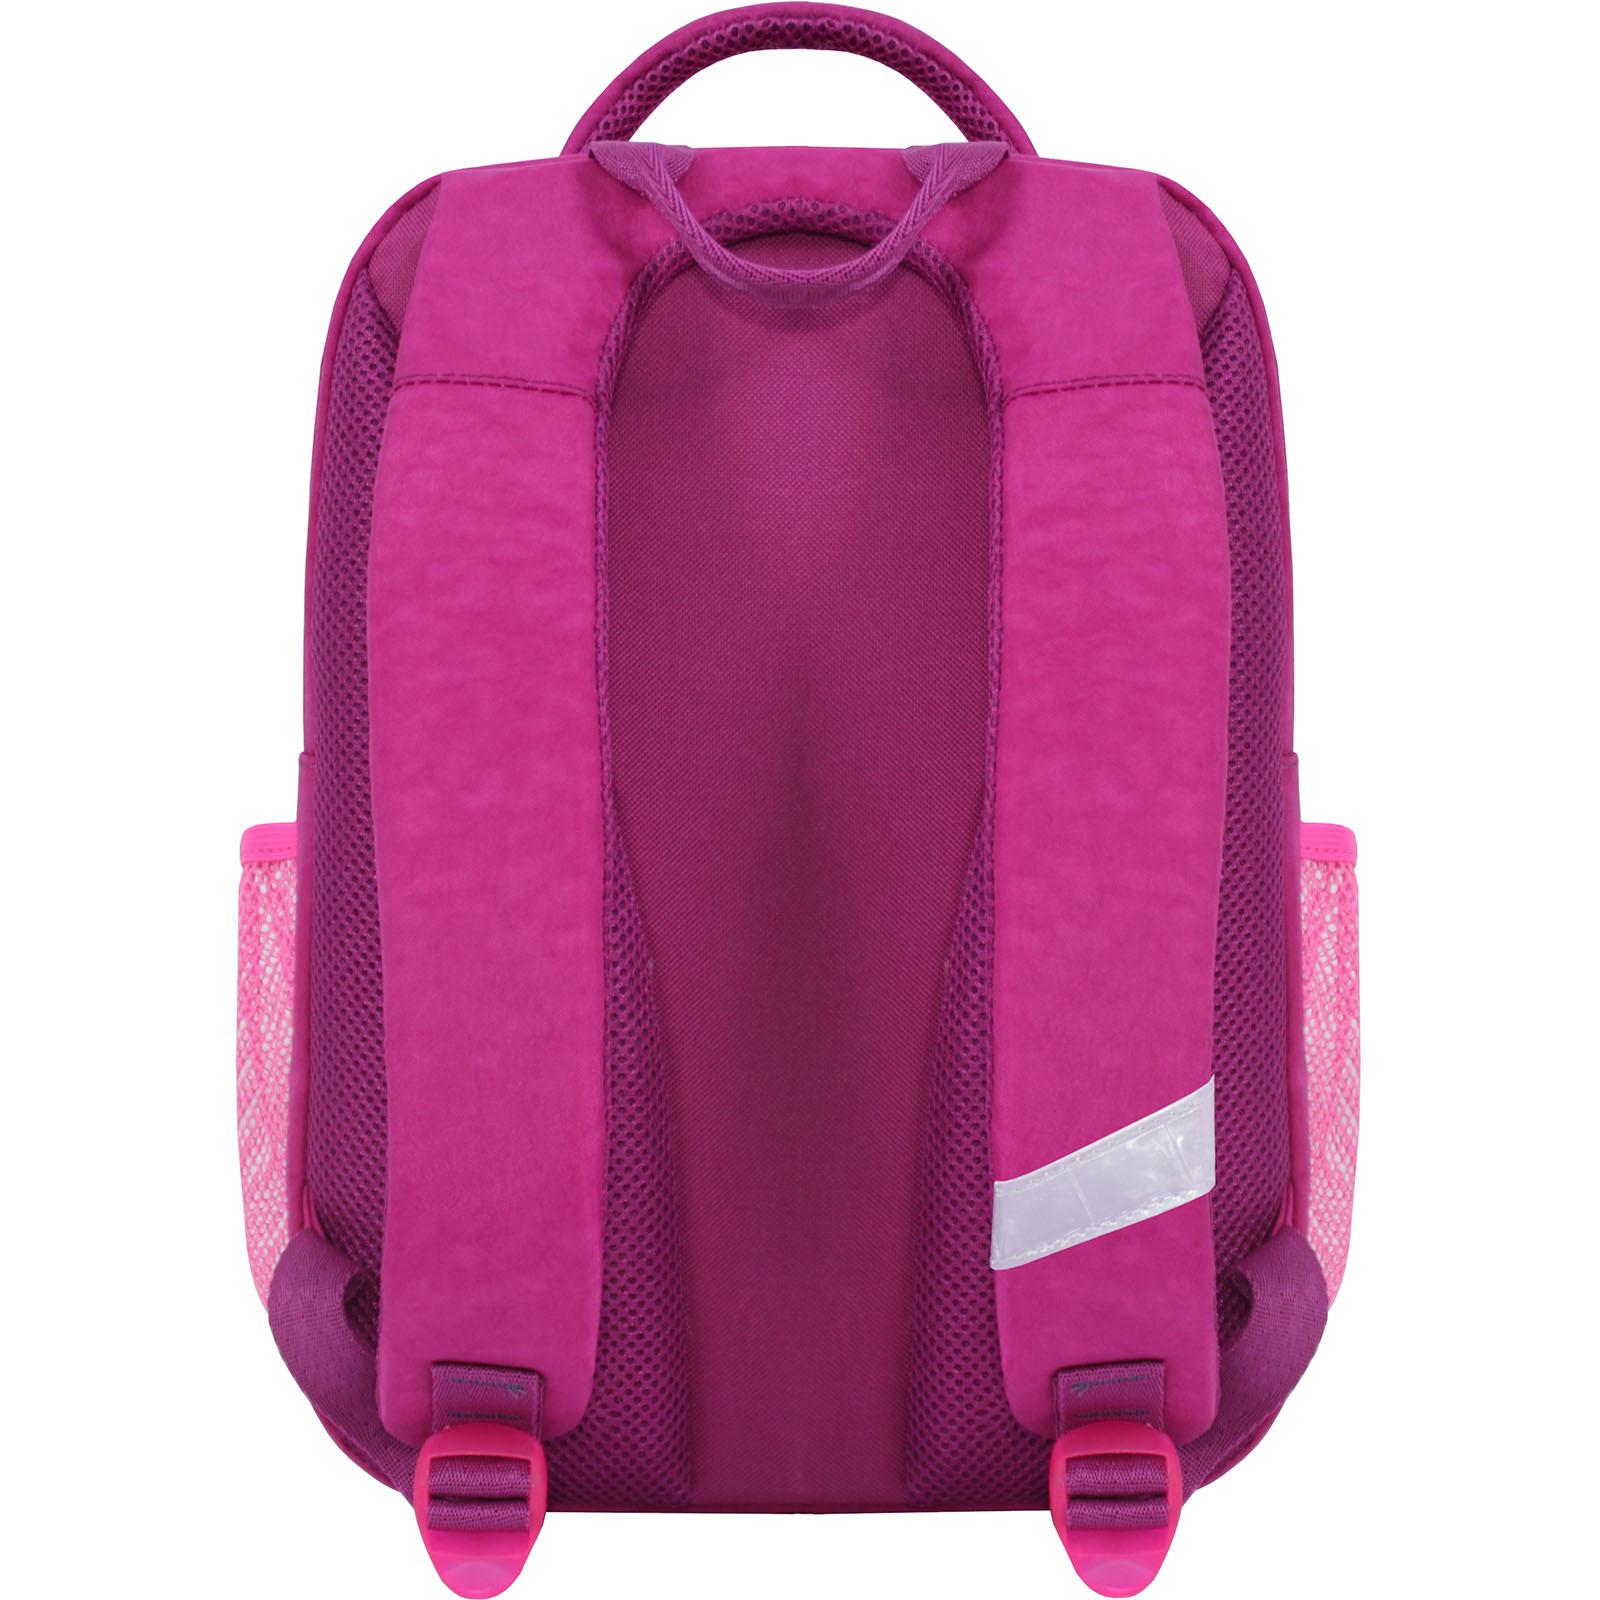 Рюкзак школьный Bagland Школьник 8 л. 143 малиновый 510 (0012870) фото 3